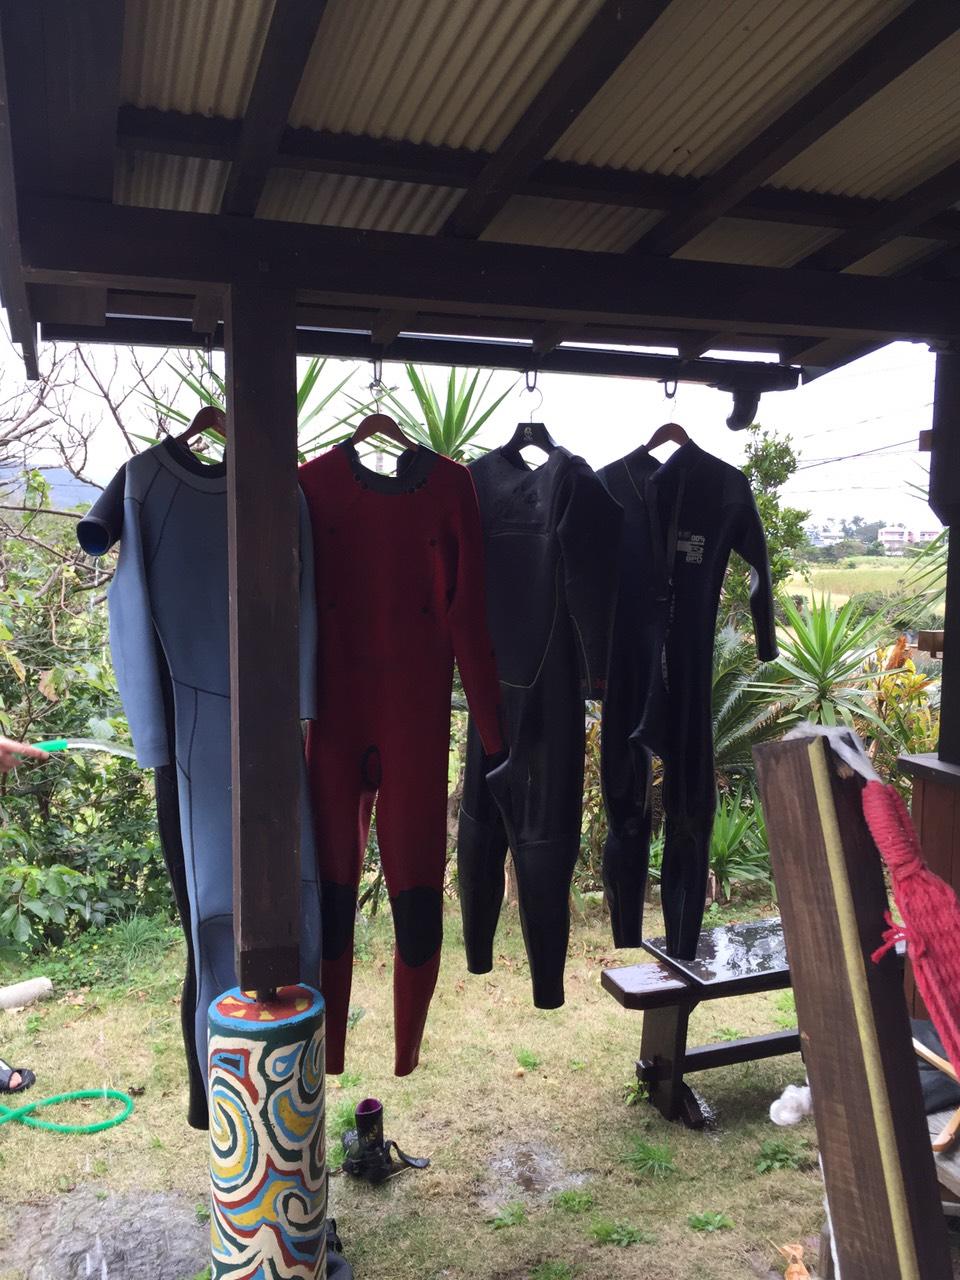 サーフィンを始める方のサーフ用品の買い方について